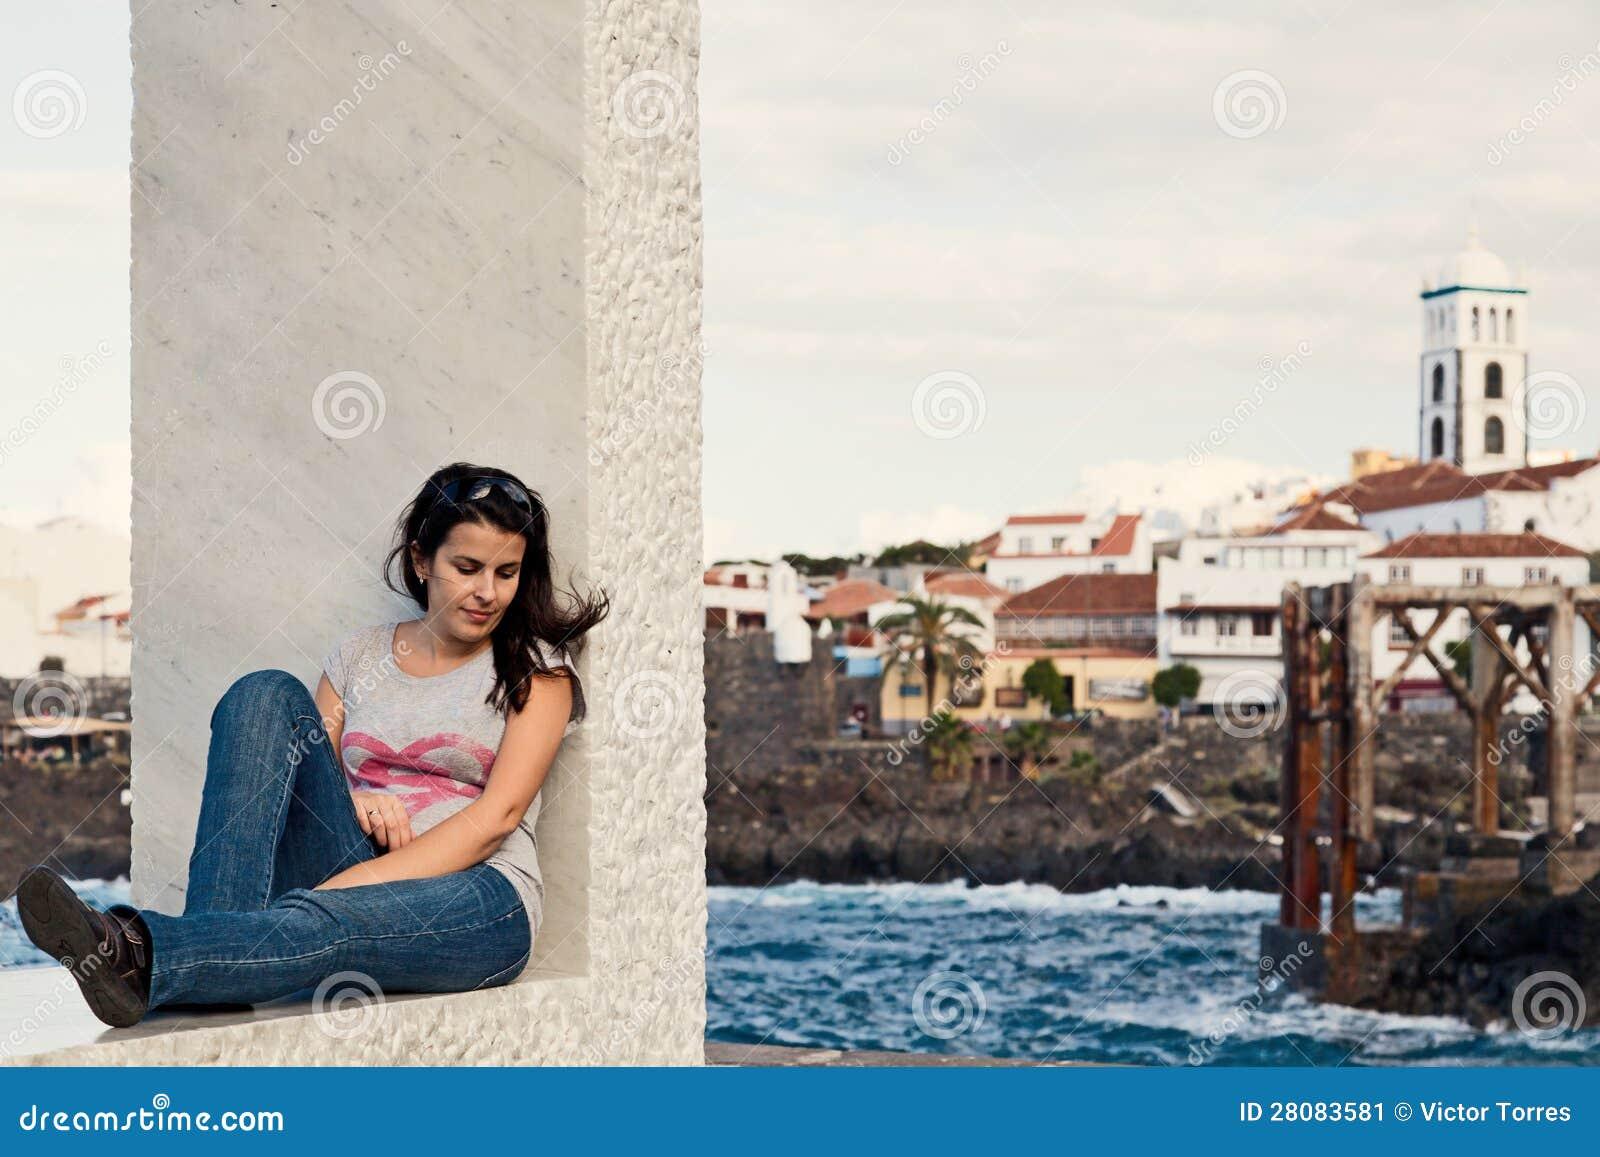 Young Girl Relaxing in Garachico Town, Tenerife